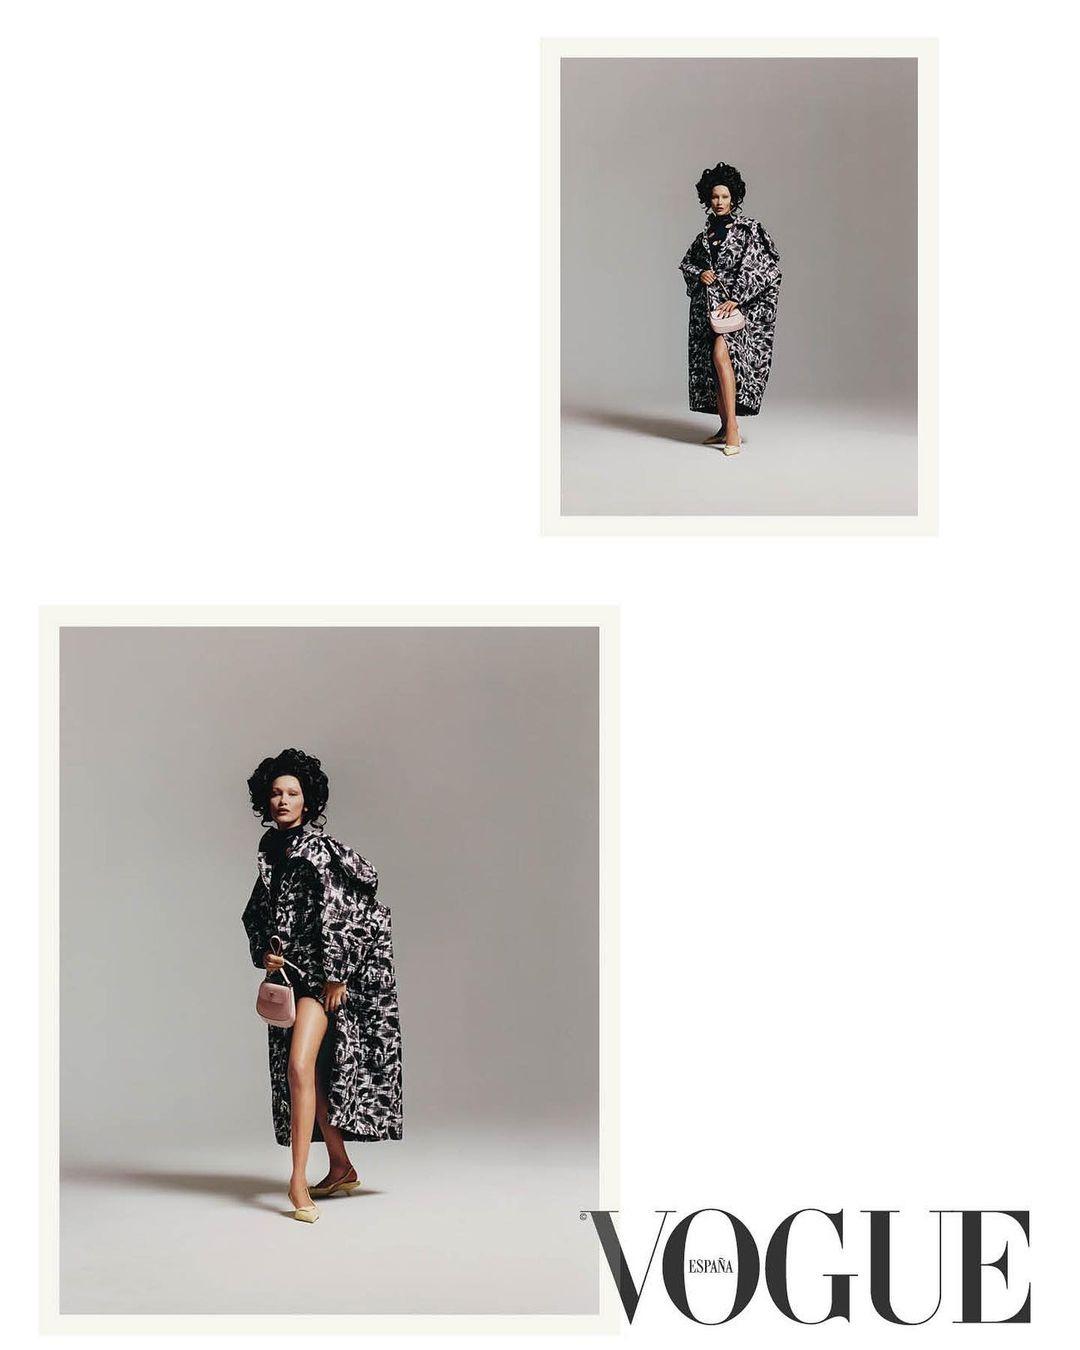 Белла Хадид снялась для испанского Vogue в образе Марии Антуанетты (ФОТО) - фото №6